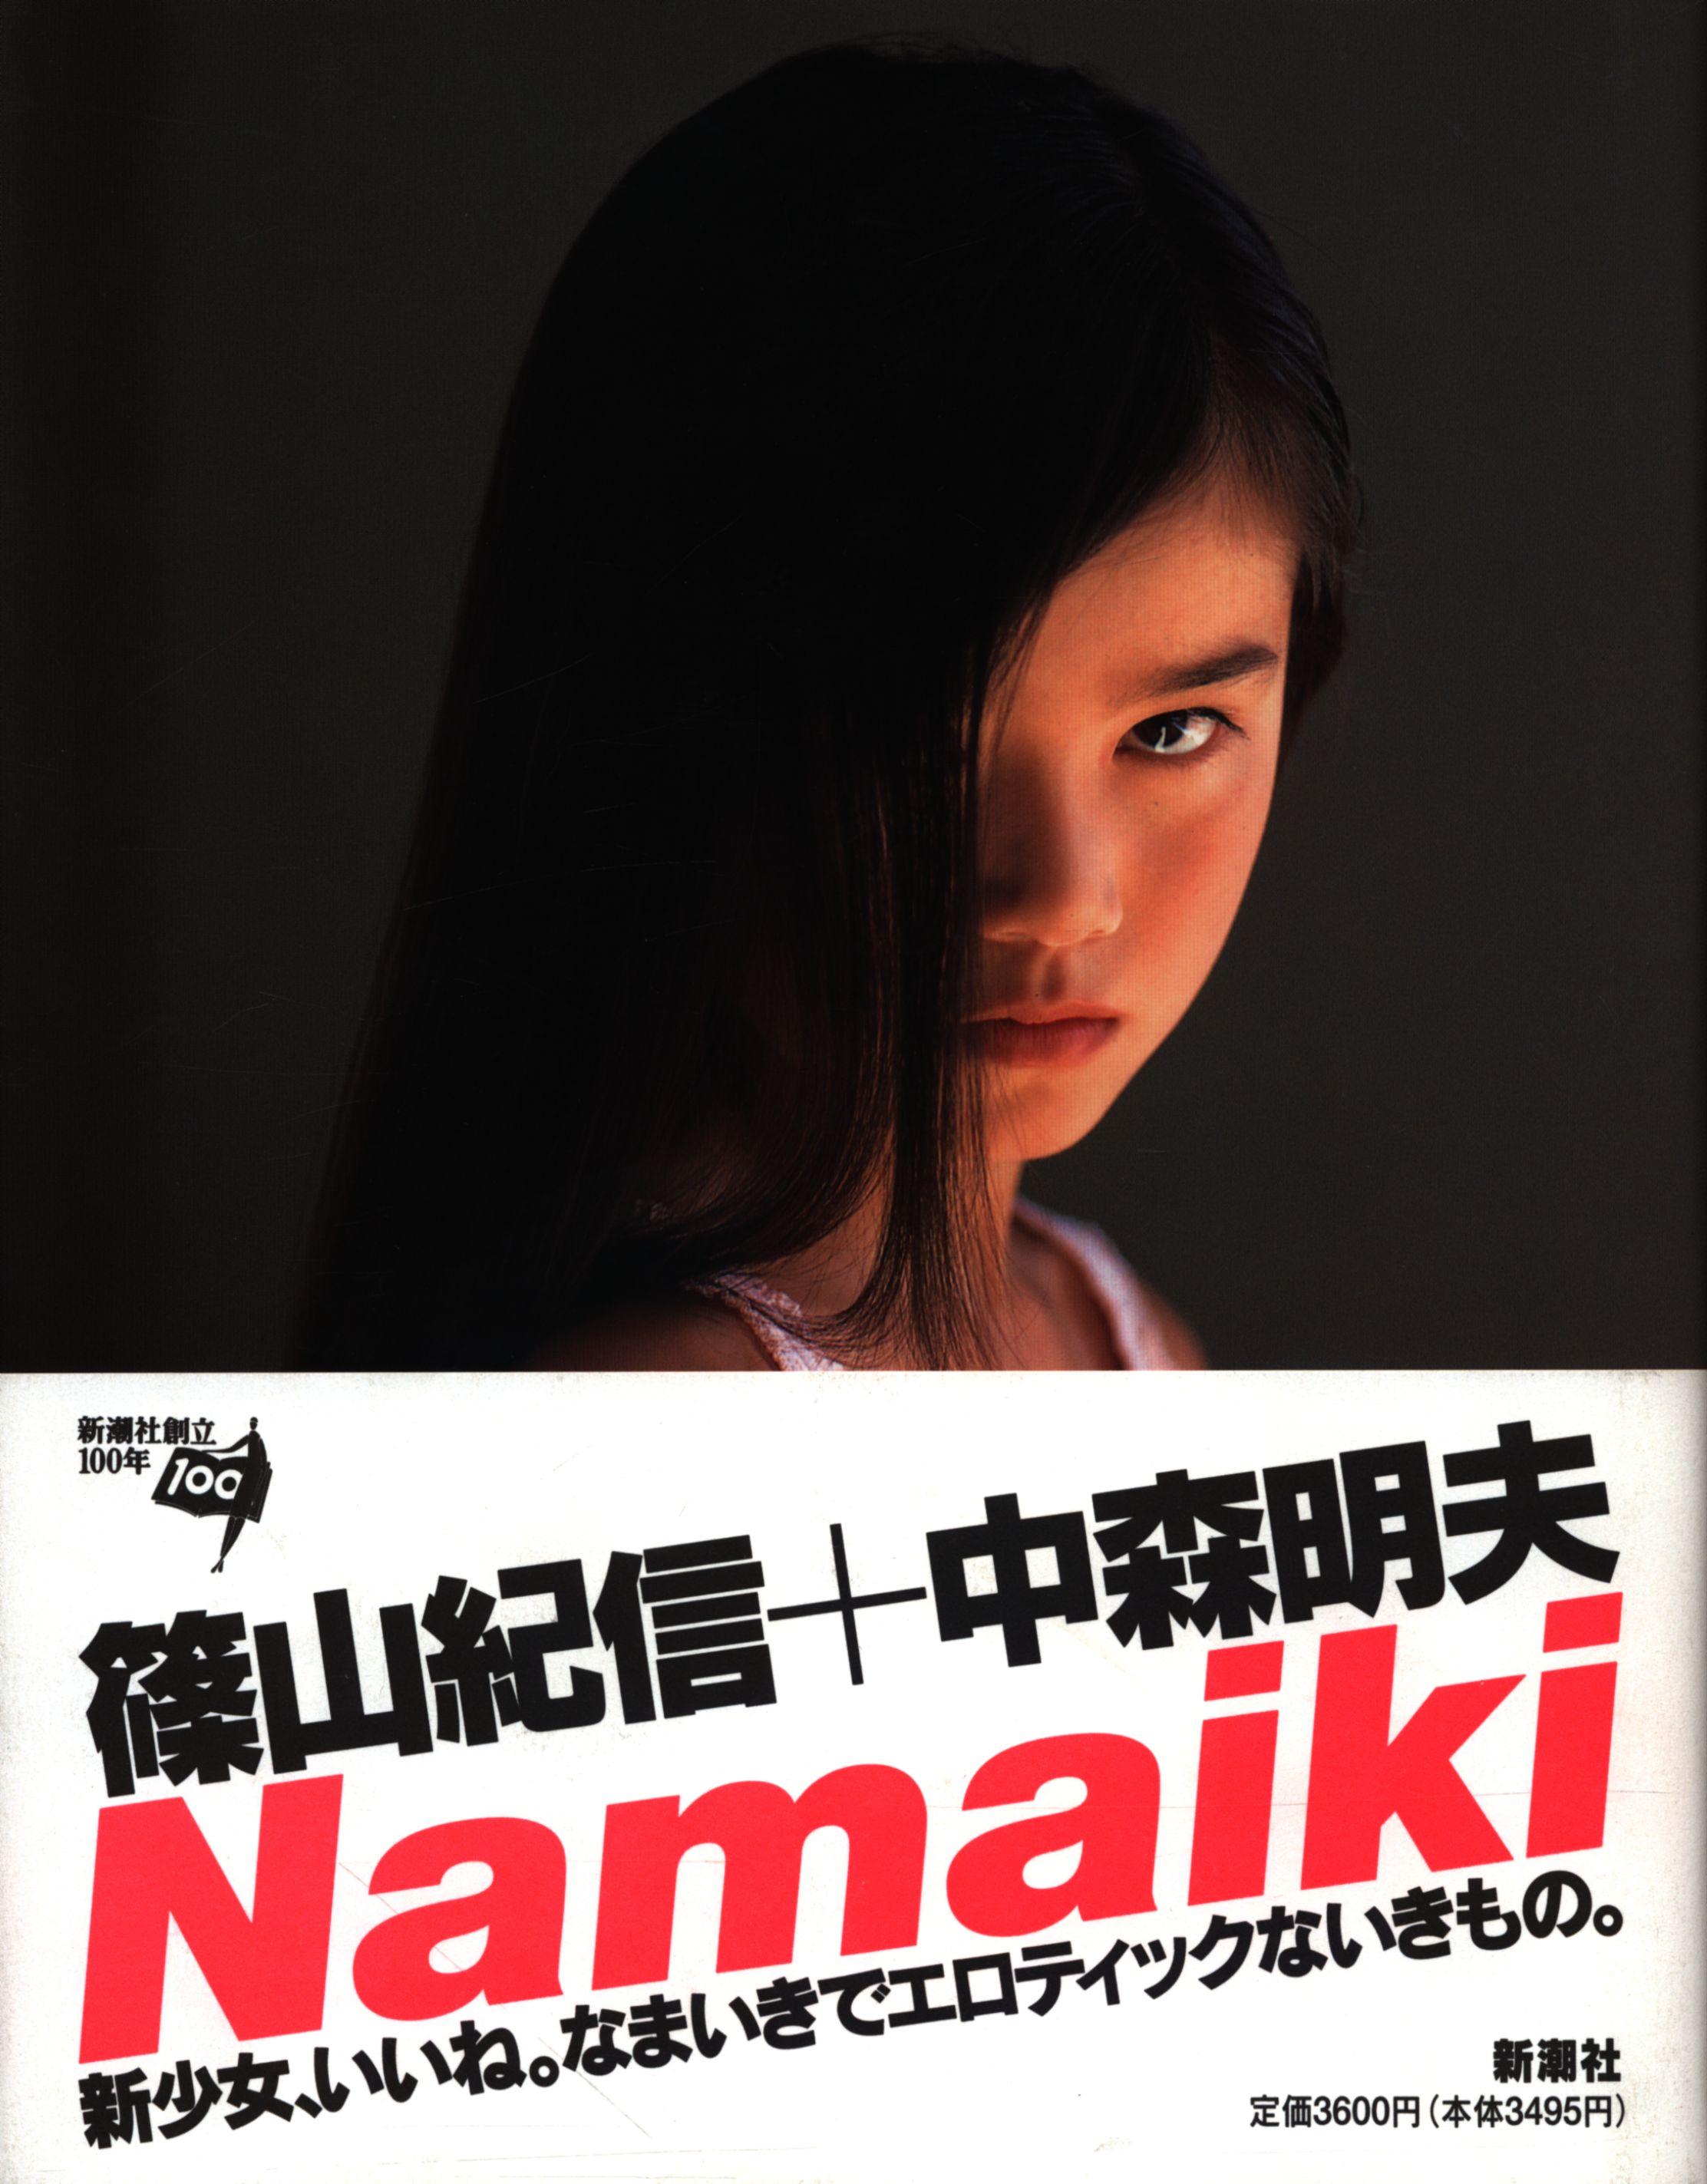 namaiki 篠山紀信 画像 アマゾン